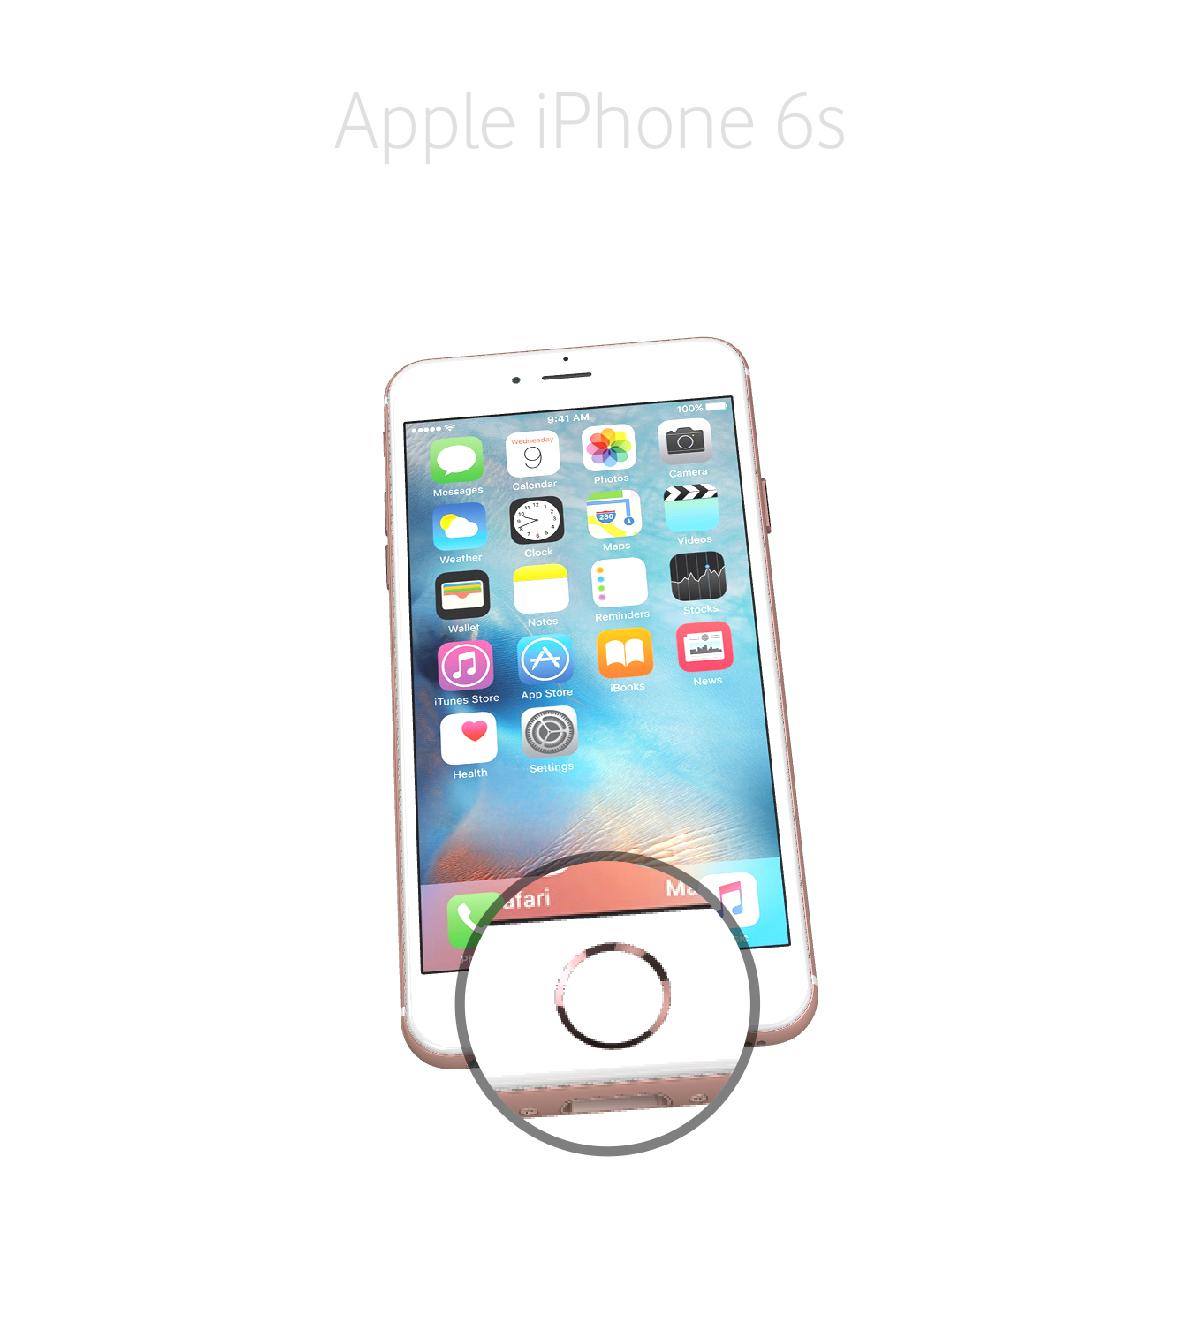 Laga hemknapp iPhone 6s